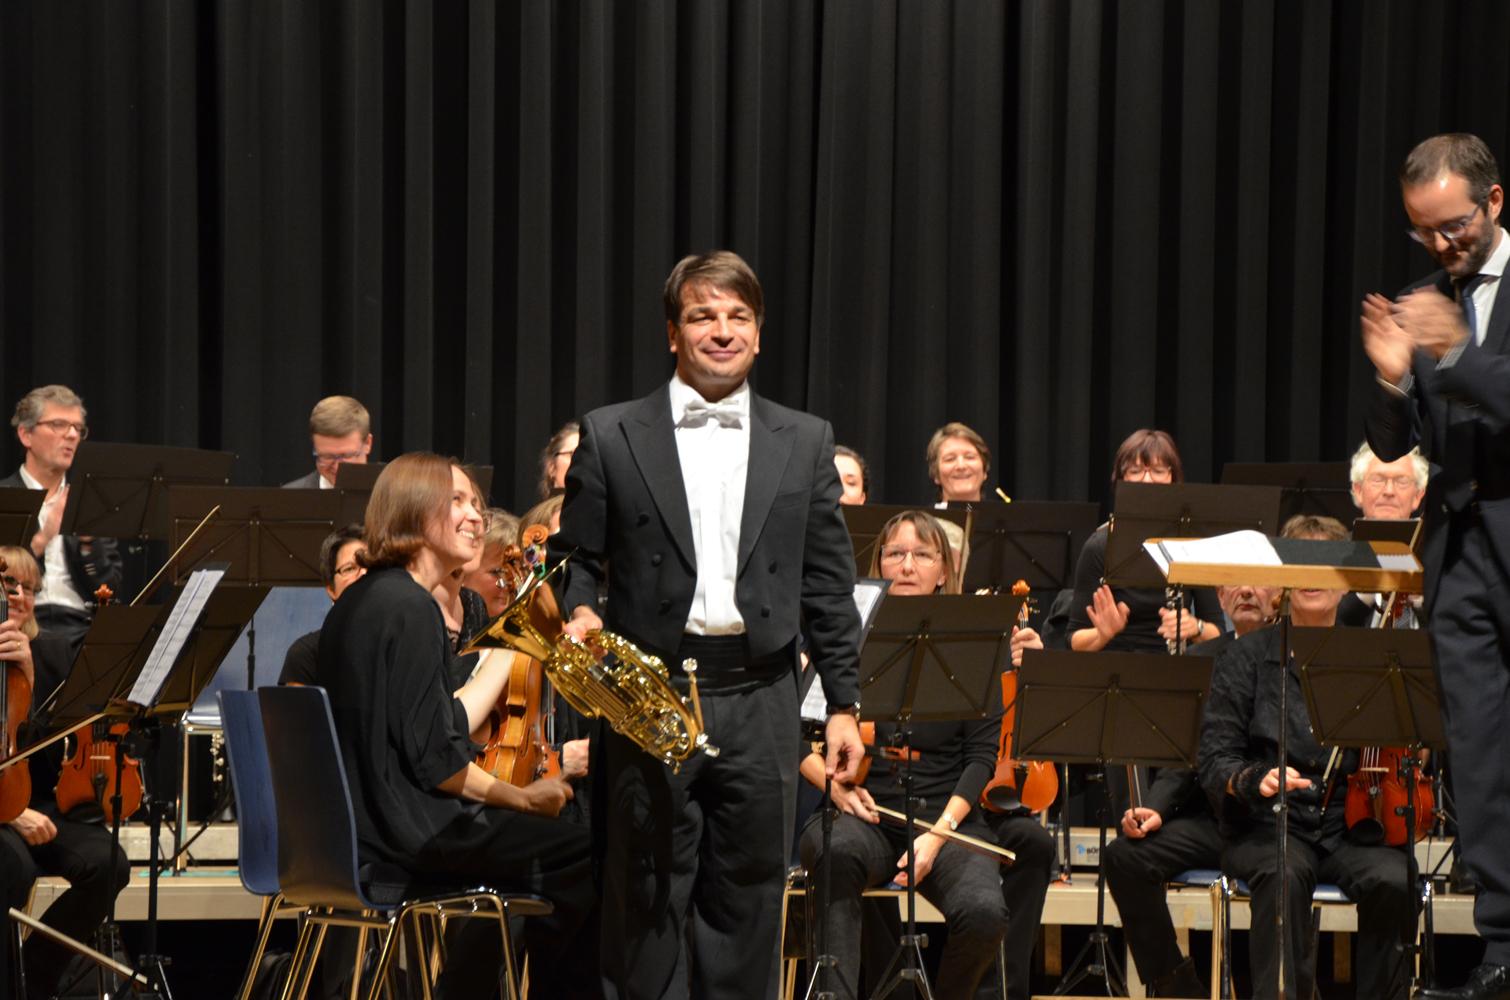 Solist Christian Holenstein